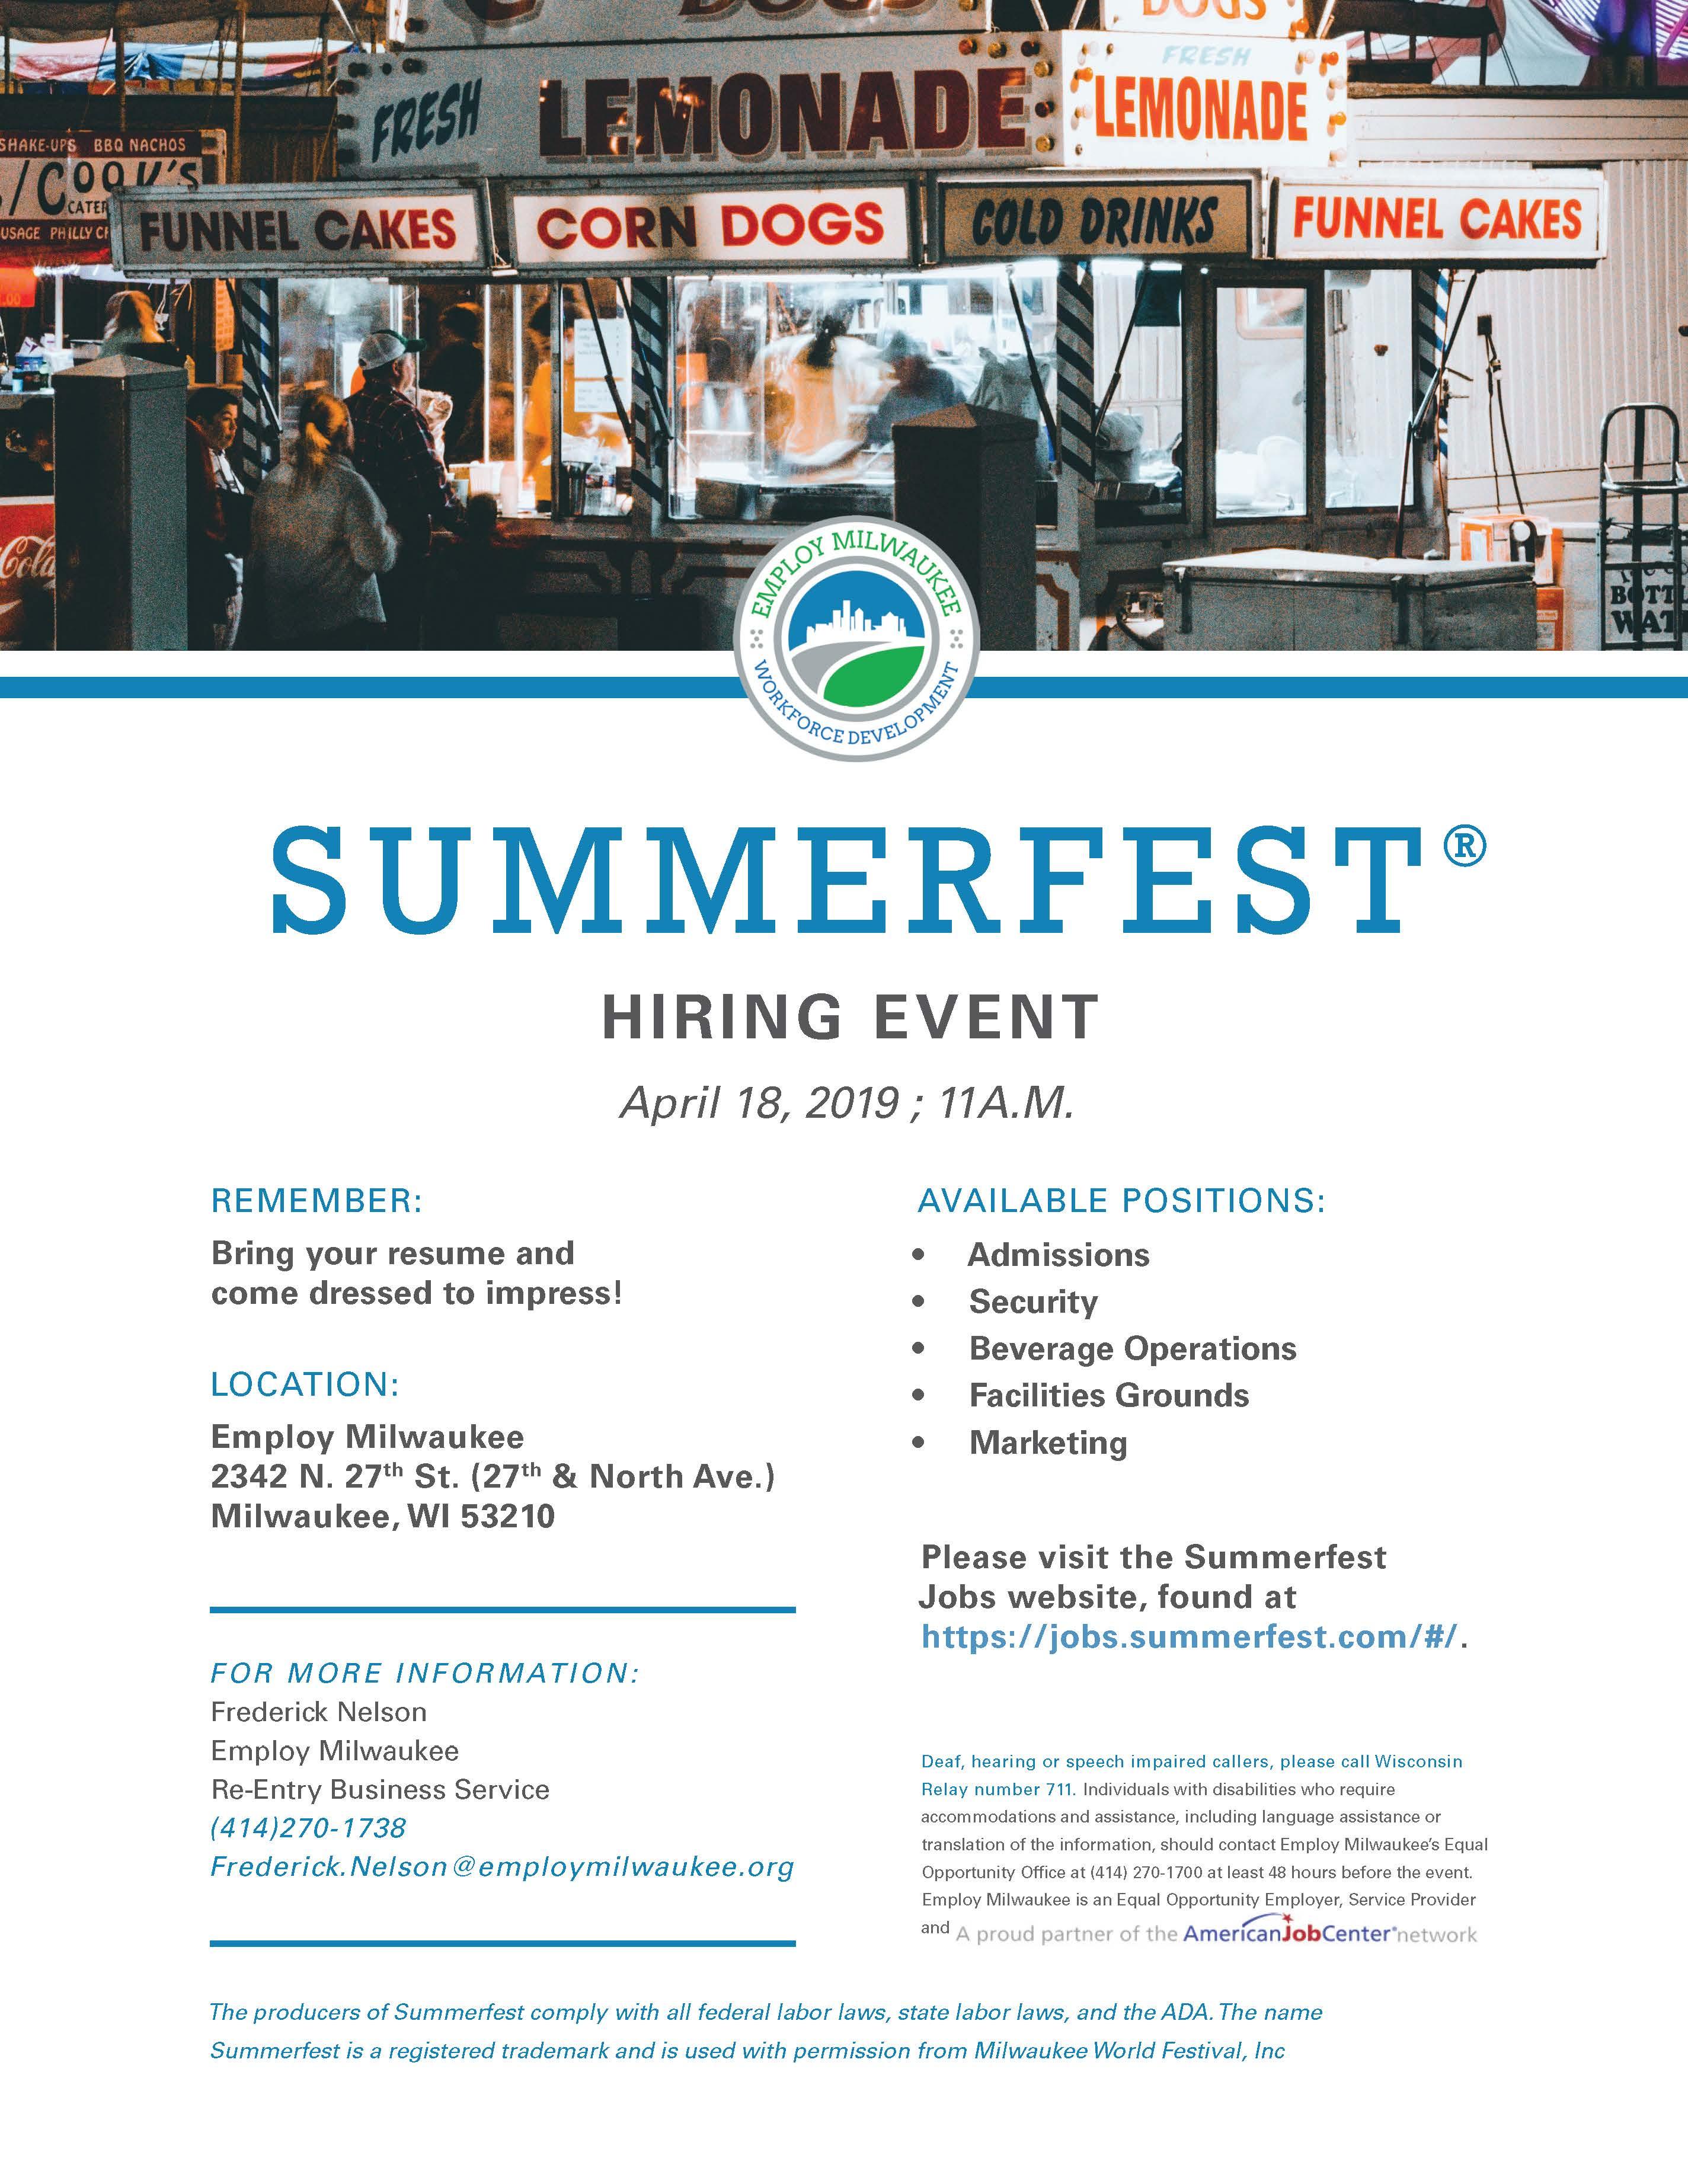 Summerfest Hiring Event